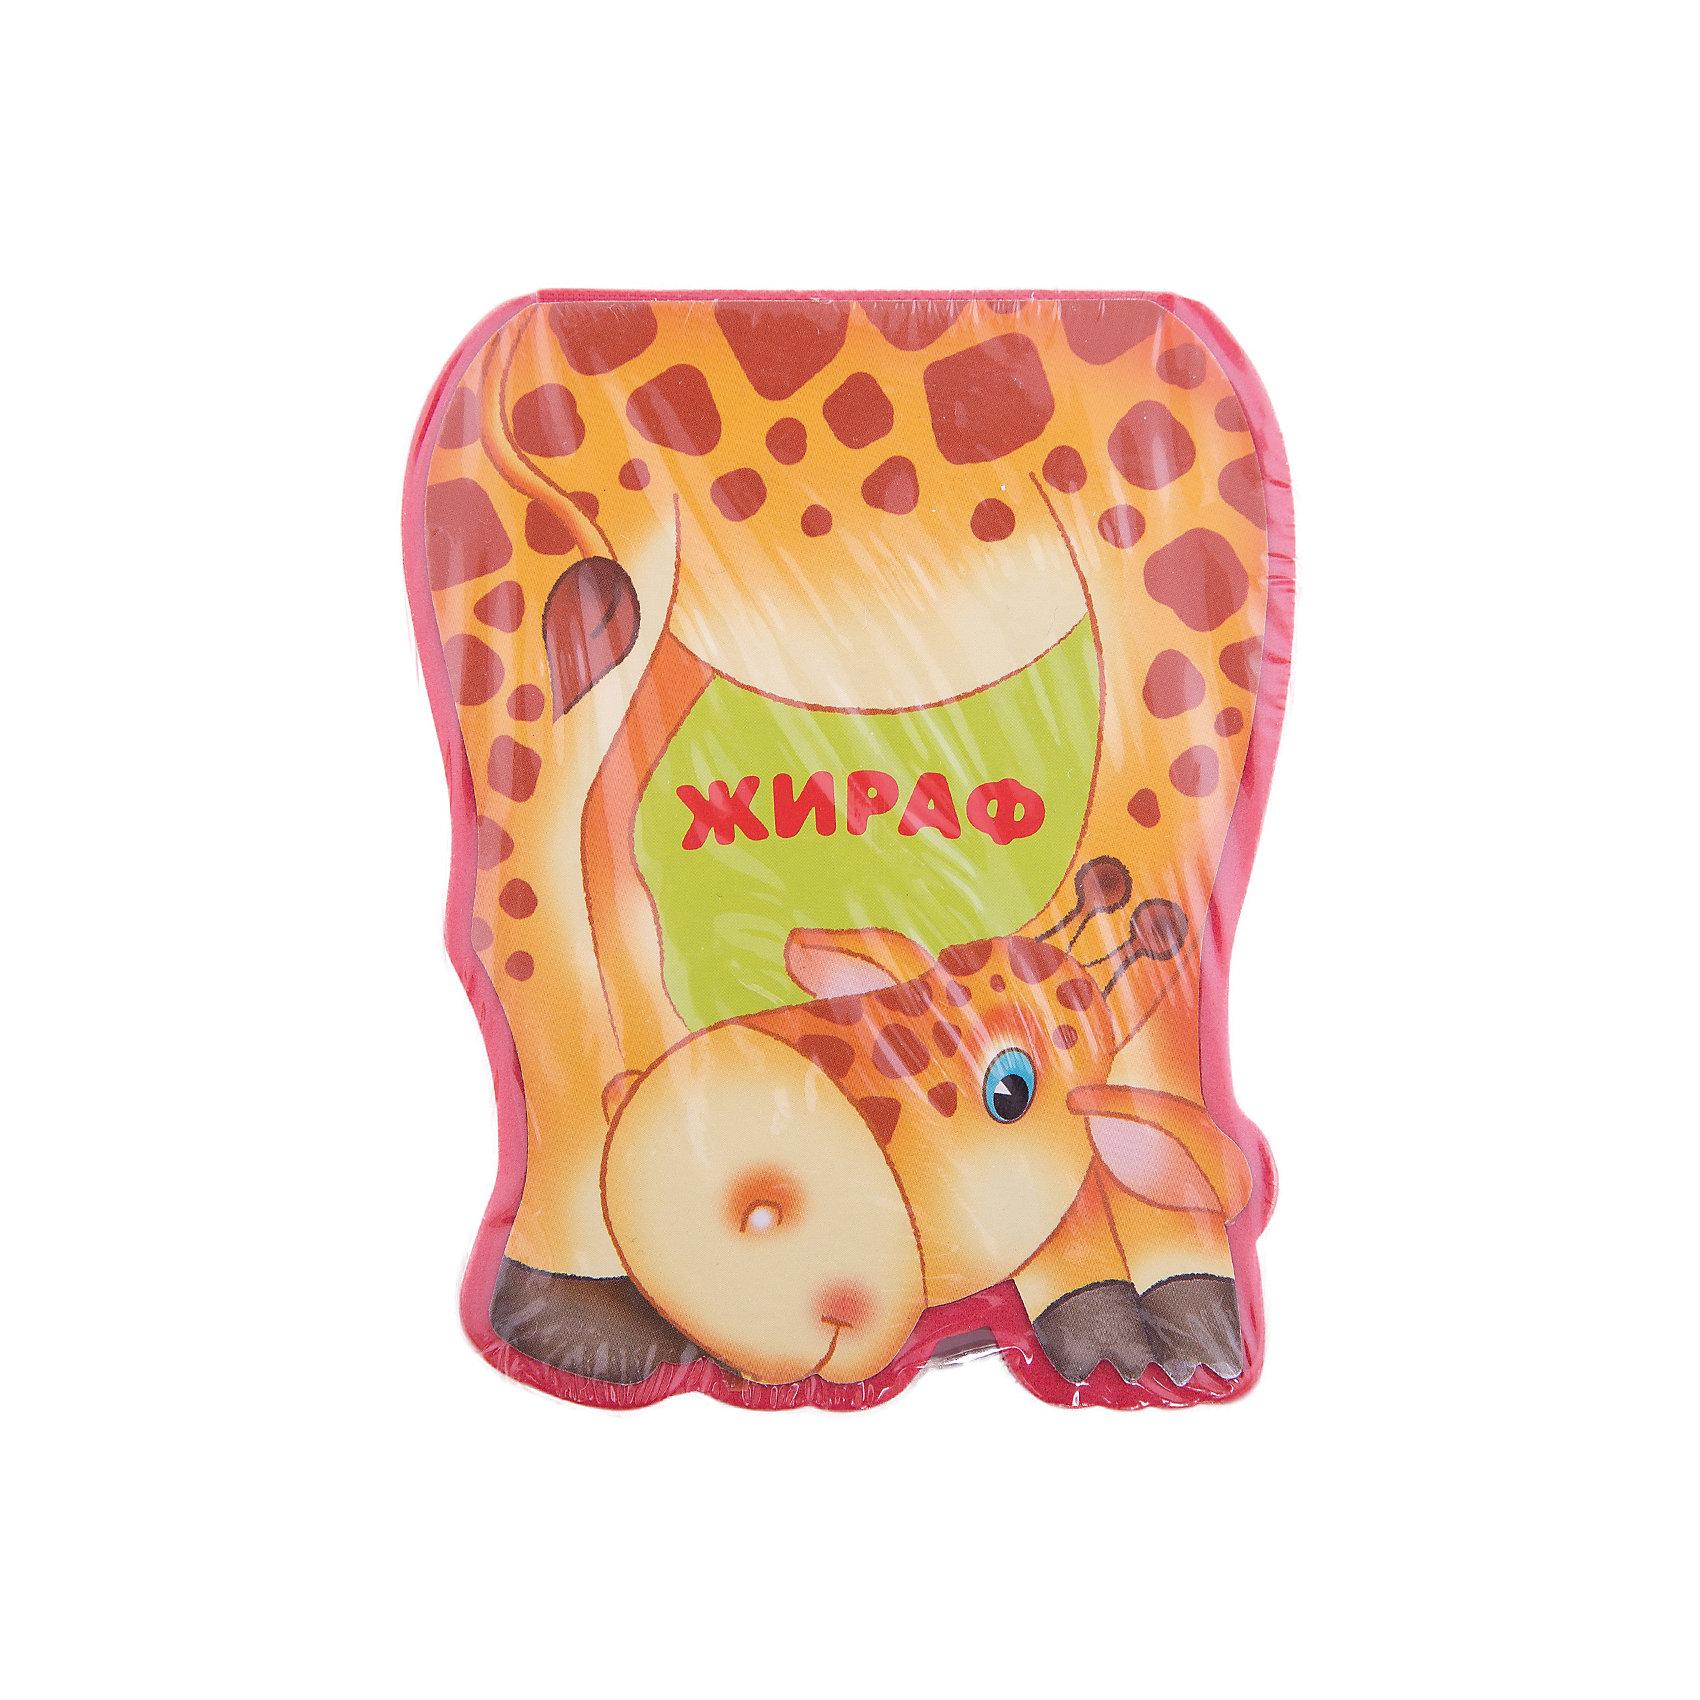 Книга ЖирафПервые книги малыша<br>Жираф, Мозаика-Синтез – эта яркая забавная книжка обязательно понравится вашему малышу.<br>Разноцветные книжки серии «Забавные зверушки» предназначены для самых маленьких детей. Веселые стихи расскажут малышу о приключениях высокого жирафа Джерри. Яркие картинки закрепляют представления об окружающем мире, а плотные и одновременно мягкие странички из пены EVA помогают развивать мелкую моторику рук. Небольшие по формату, книжки легко поместятся в руках у малыша.<br><br>Дополнительная информация:<br><br>- Авторы: Л. Бурмистрова, В. Мороз<br>- Иллюстраторы: Ирина Сучилина, Ольга Налетова<br>- Издательство: Мозаика-Синтез<br>- Серия: Забавные зверушки<br>- Тип обложки: мягкая обложка<br>- Оформление: вырубка, лакировка<br>- Иллюстрации: цветные<br>- Страниц: 10<br>- Размеры: 105x85x30 мм.<br>- Вес: 45 гр.<br><br>Книгу «Жираф», Мозаика-Синтез можно купить в нашем интернет-магазине.<br><br>Ширина мм: 110<br>Глубина мм: 90<br>Высота мм: 25<br>Вес г: 46<br>Возраст от месяцев: 12<br>Возраст до месяцев: 48<br>Пол: Унисекс<br>Возраст: Детский<br>SKU: 3756278